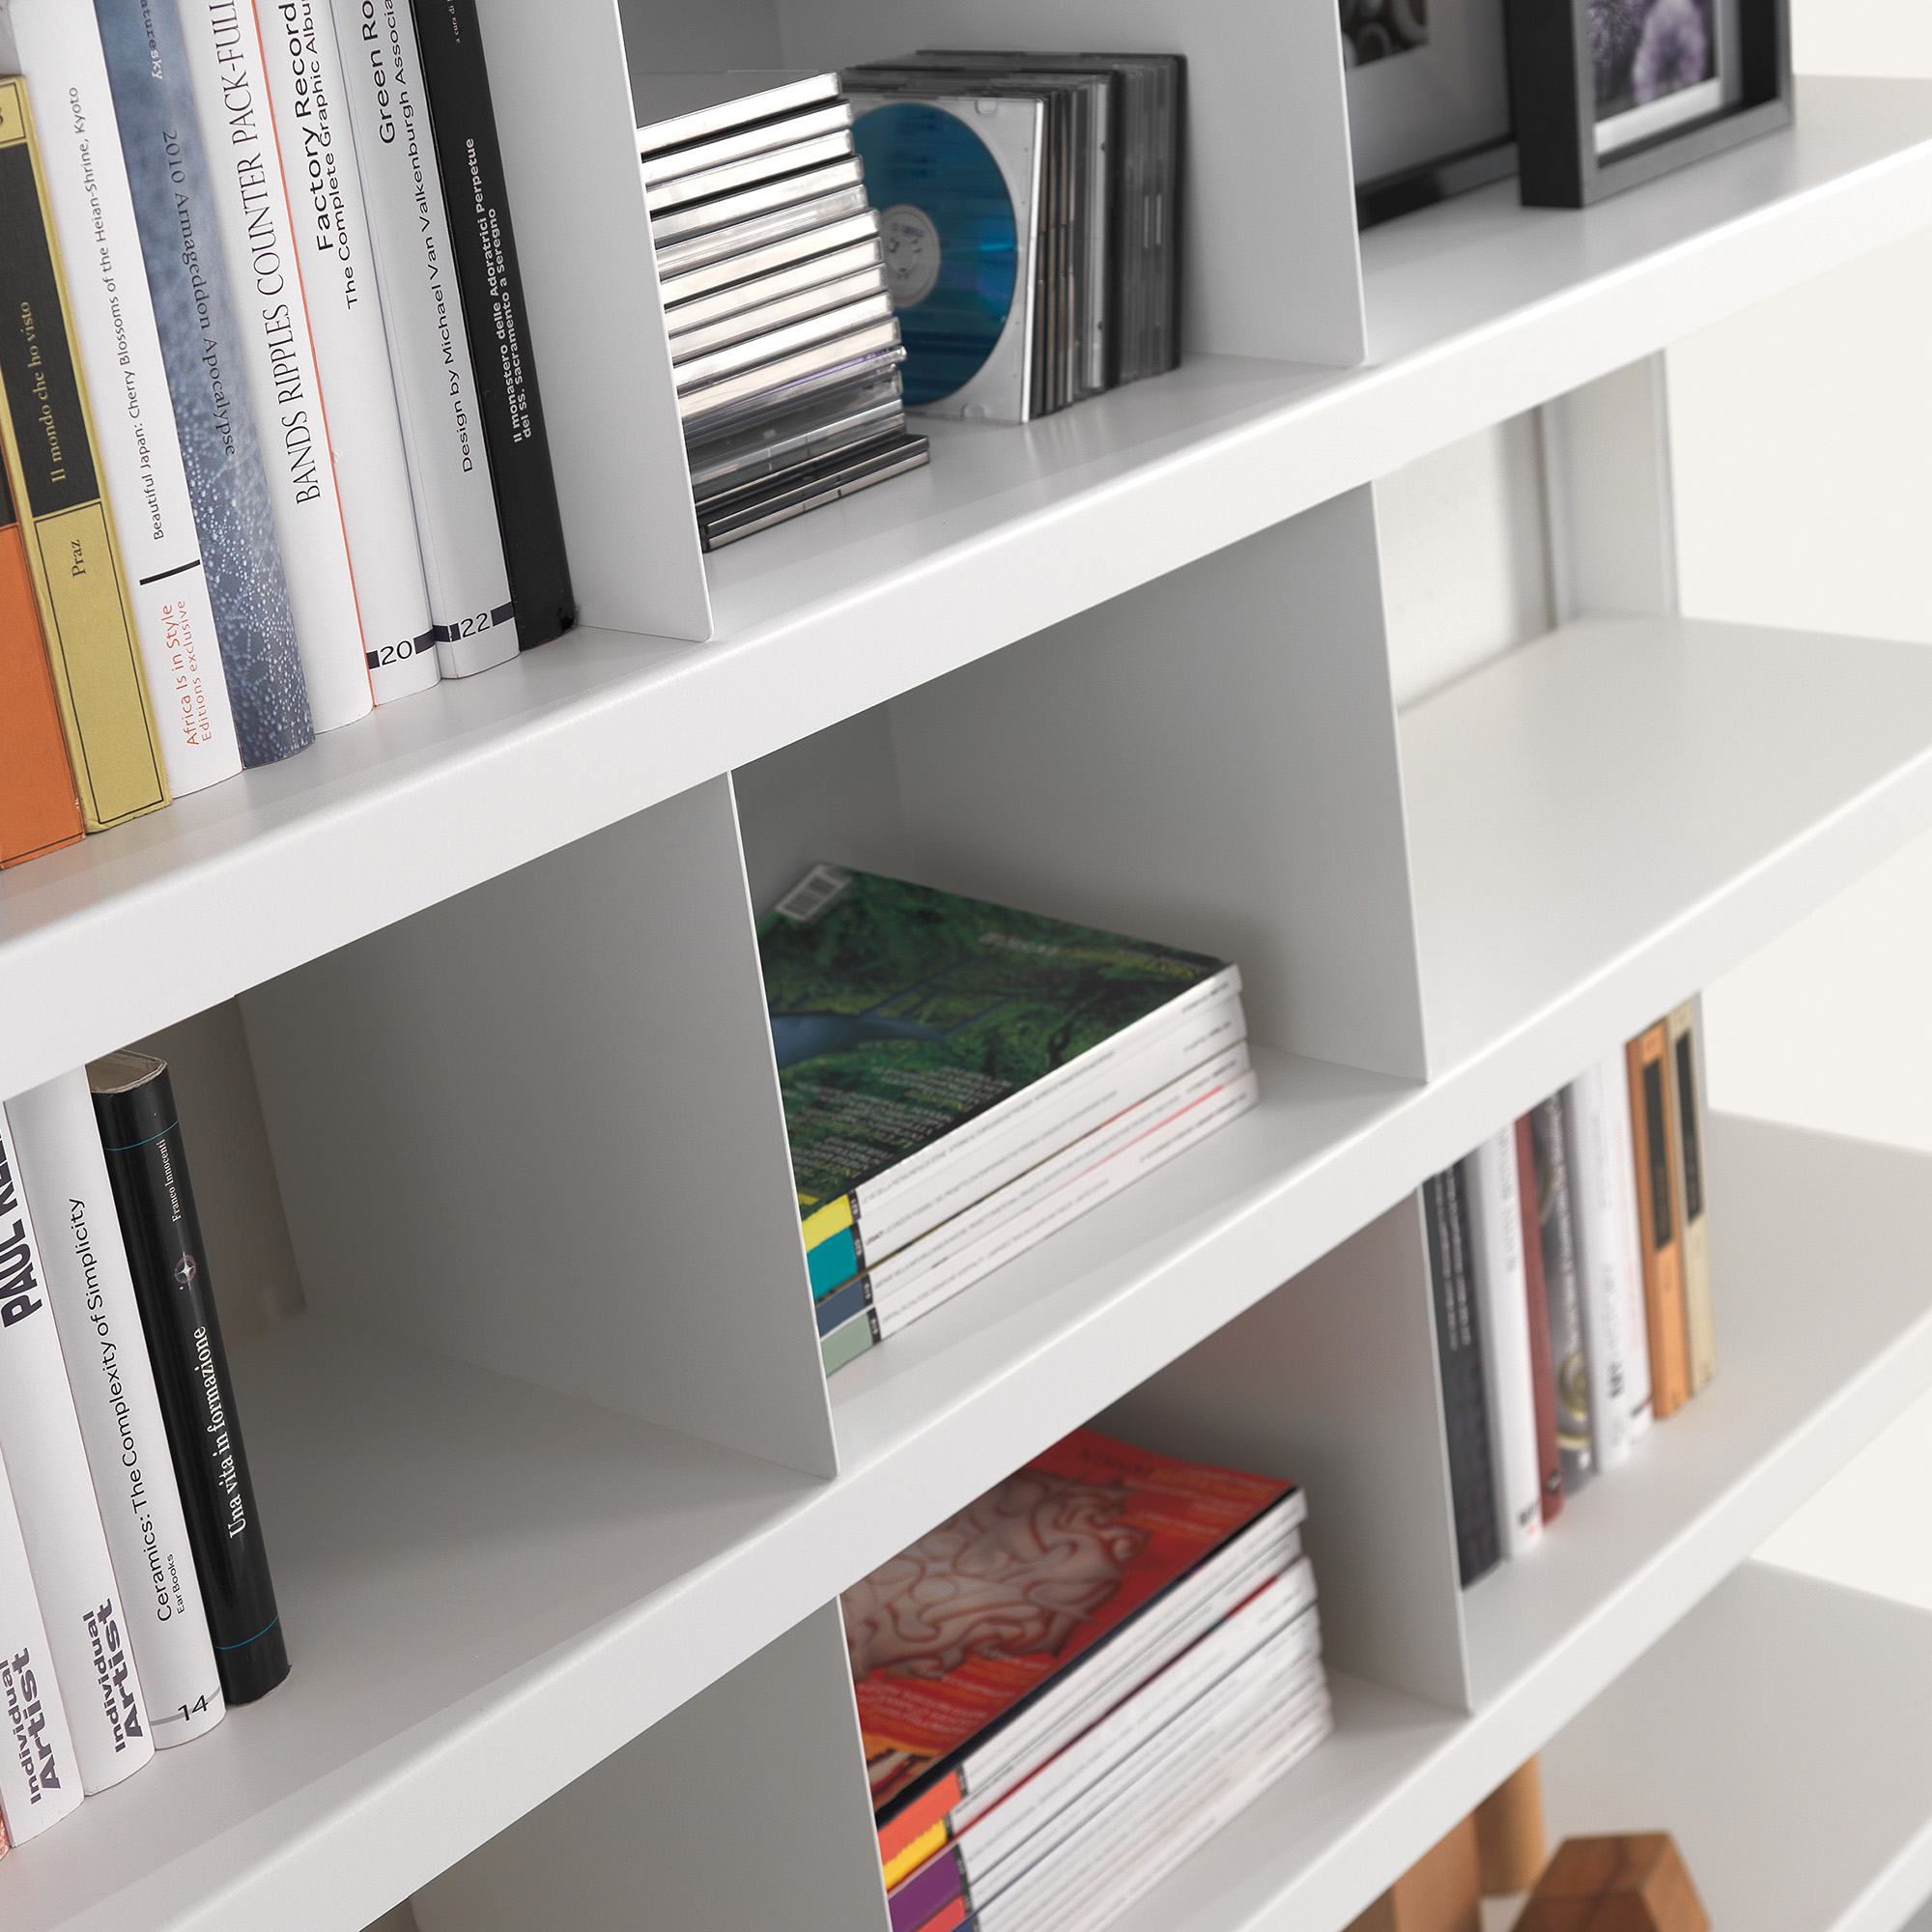 Libreria Big Home - Centrufficio